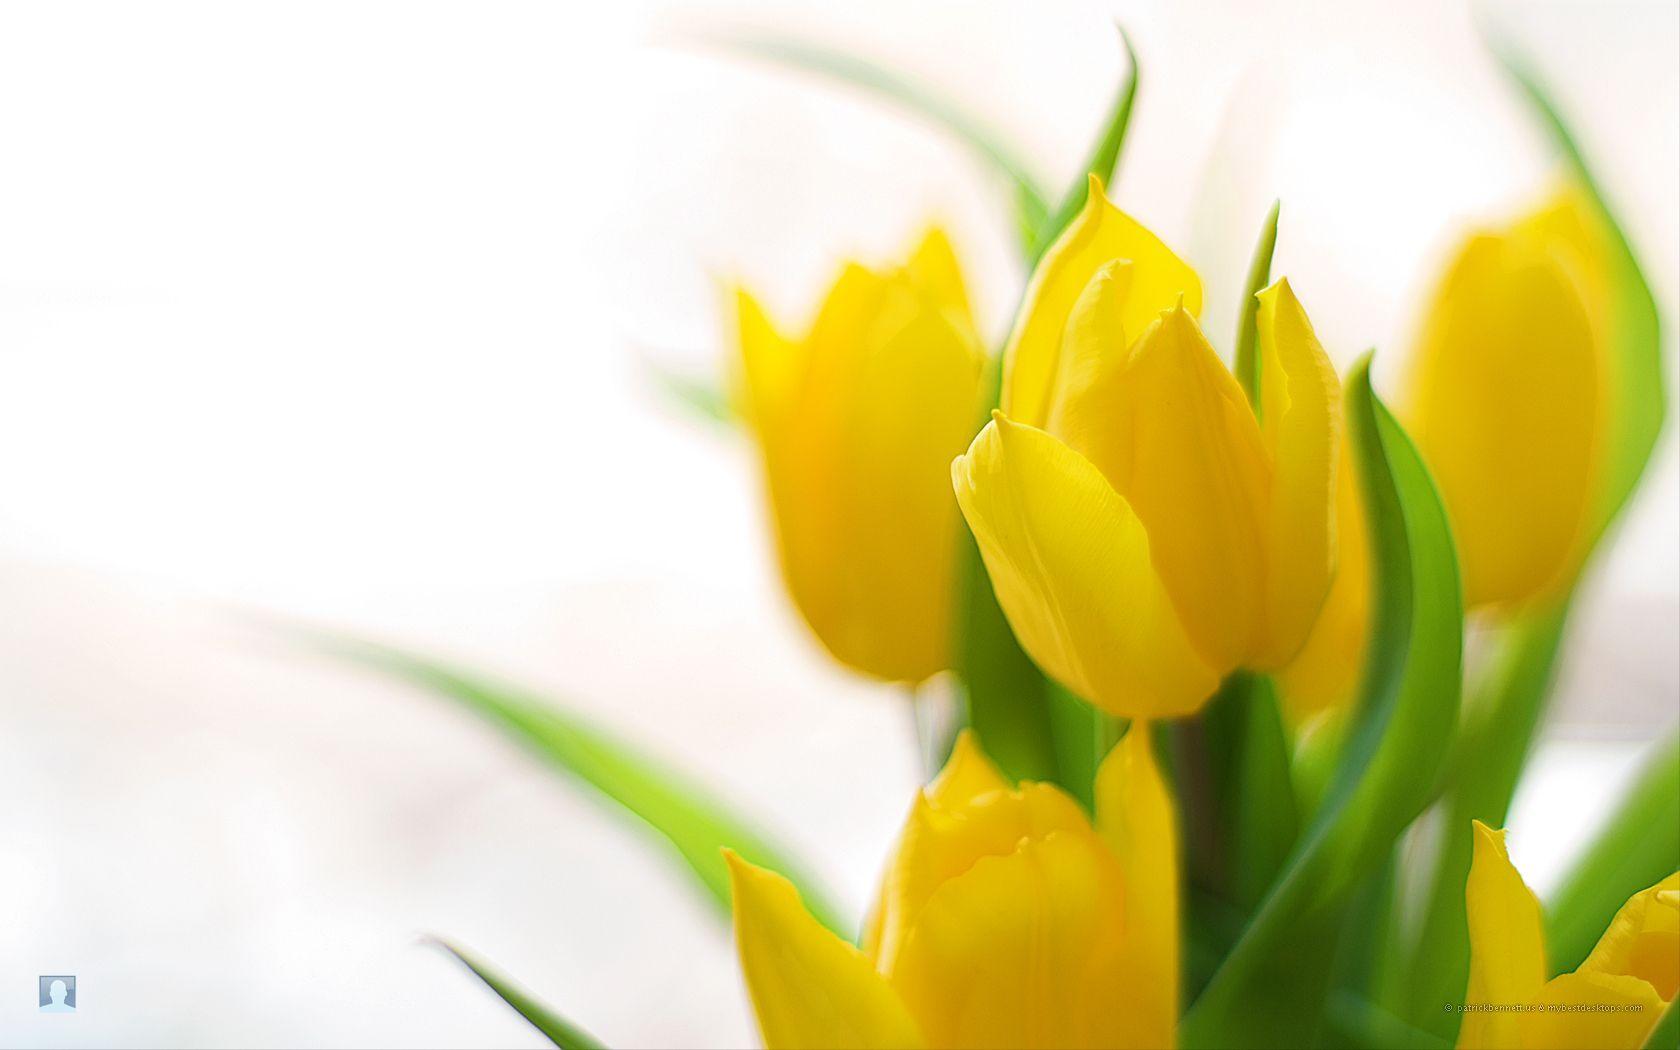 Spring Flowers Backgrounds Desktop.